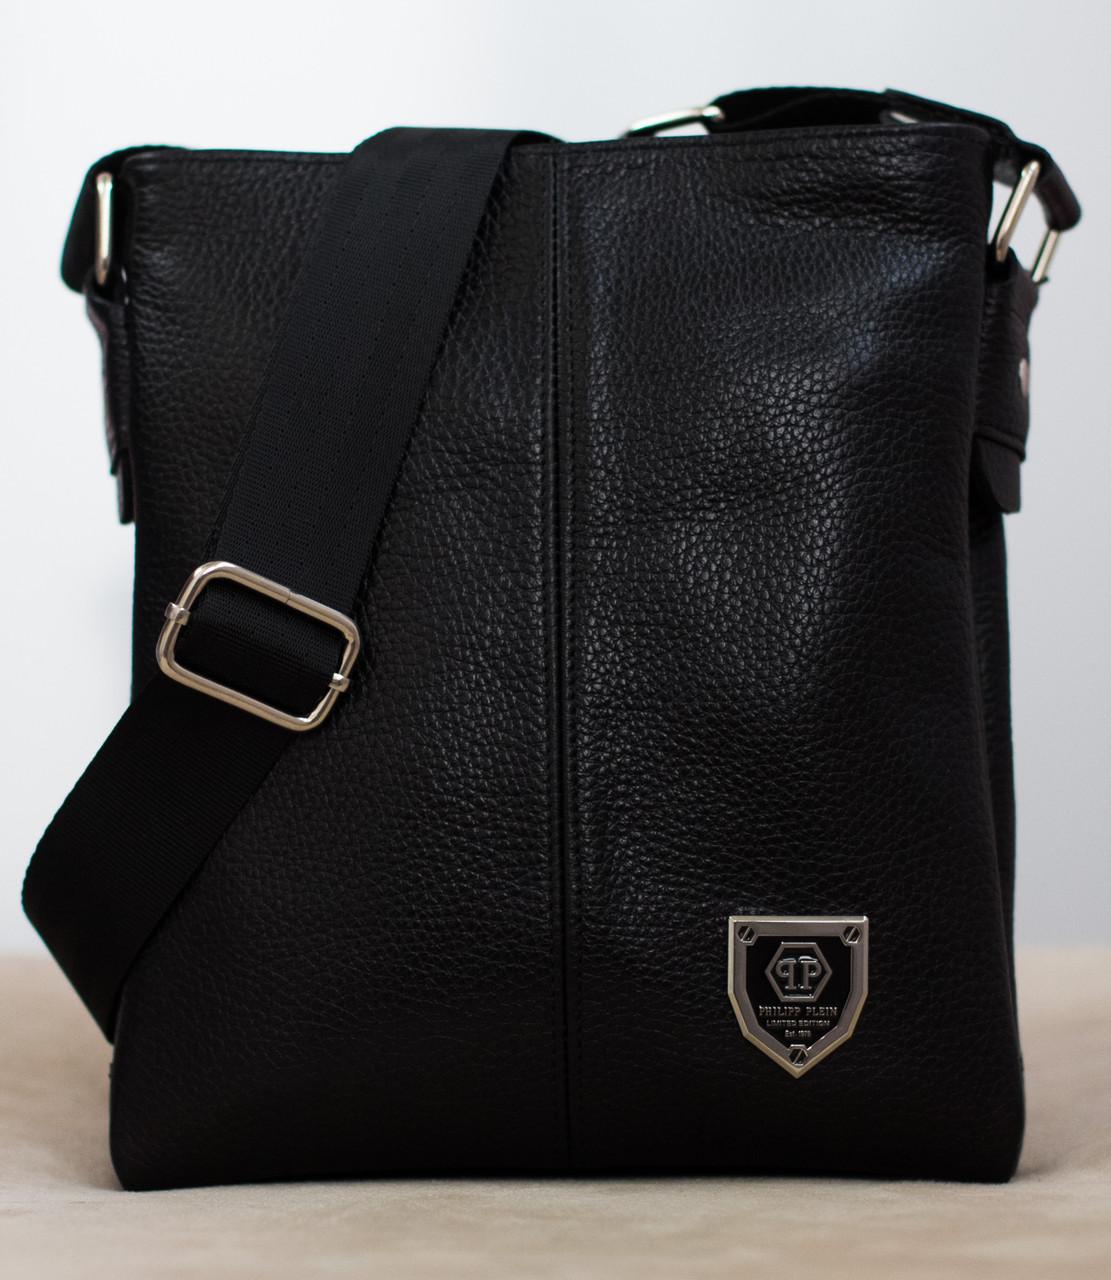 28ccaea20b88 Кожаная мужская сумка Philipp Plein 22*19см БЕСПЛАТНАЯ ДОСТАВКА! - Bagsland  в Харькове